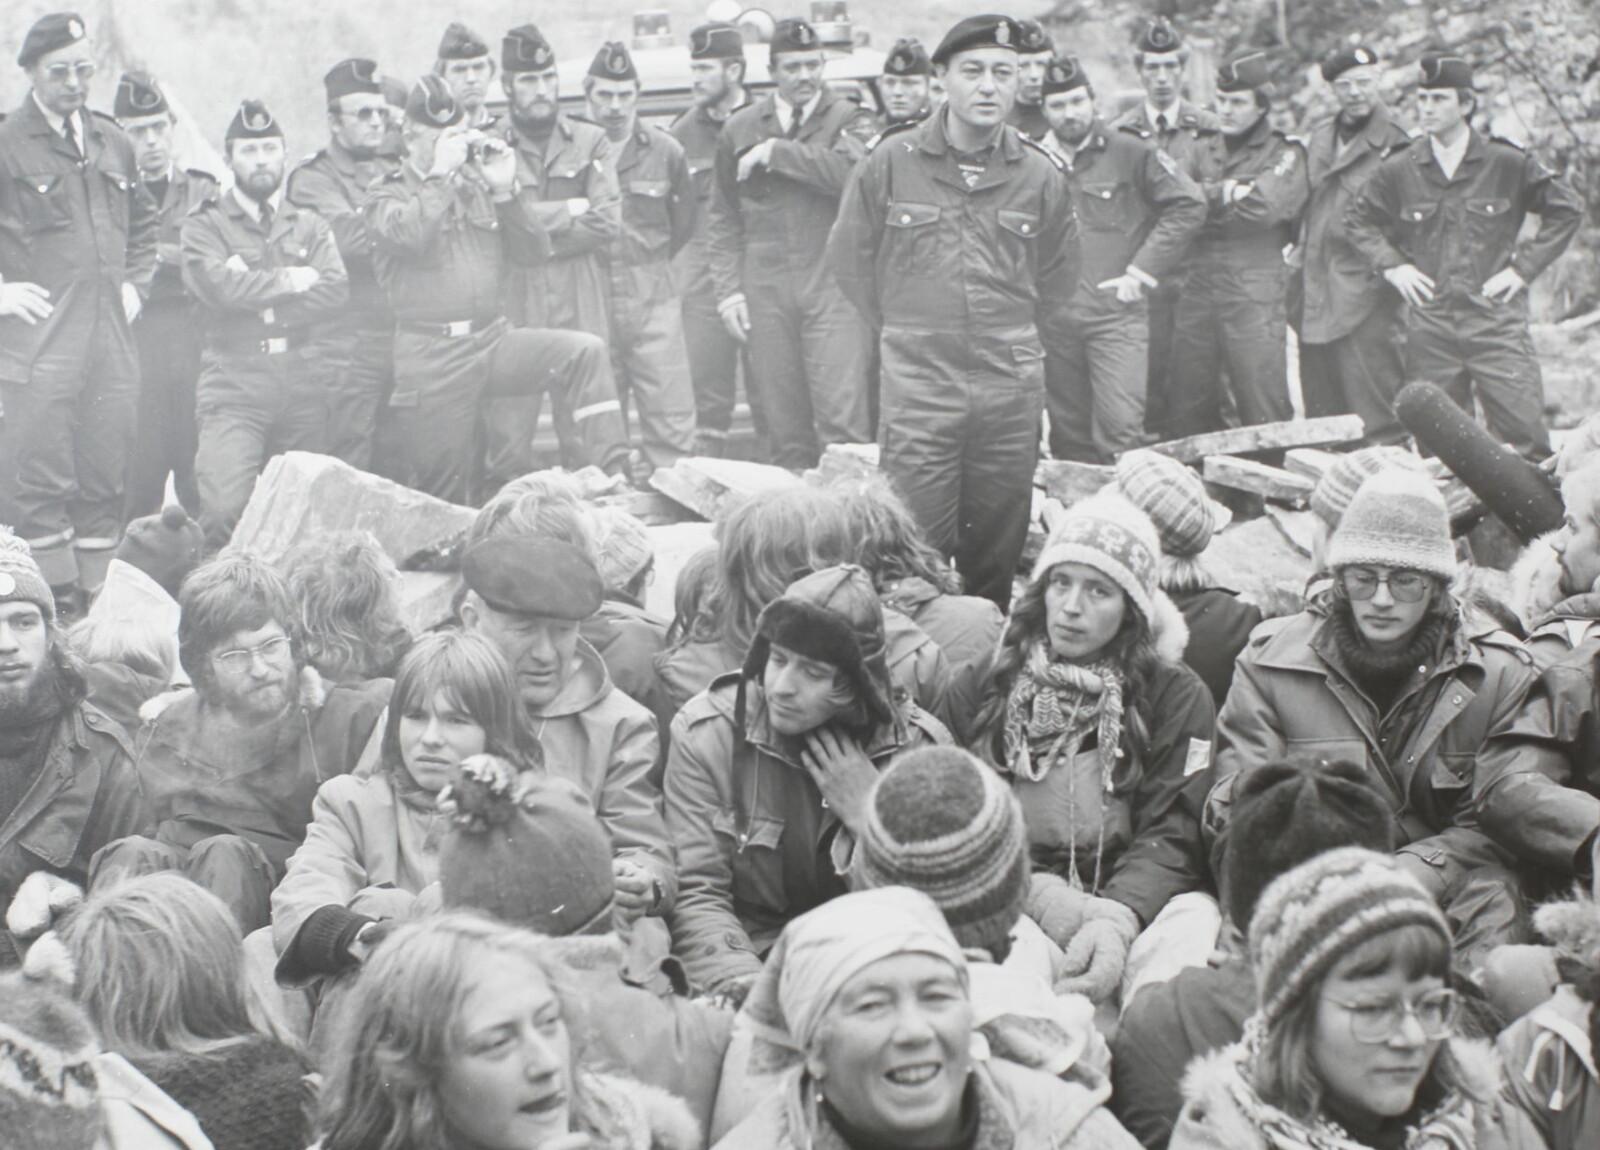 """<span class="""" font-weight-bold"""" data-lab-font_weight_desktop=""""font-weight-bold"""">TILBAKEBLIKK:</span> Høsten 1979 forsøkte det lokale politiet i Finnmark å bryte opp den første, store demonstrasjonen ved nullpunktet på Stilla. Lensmannsbetjent Knut Arvid Sætermo (bakerste rad, like til høyre for mannen som holder et kamera) var en av de 40-50 polititjenestemennene som kom til kort mot demonstrantene. Til slutt så politimester Einar Henriksen (stående nærmest demonstrantene, under) ingen annen utvei enn å avblåse aksjonen."""